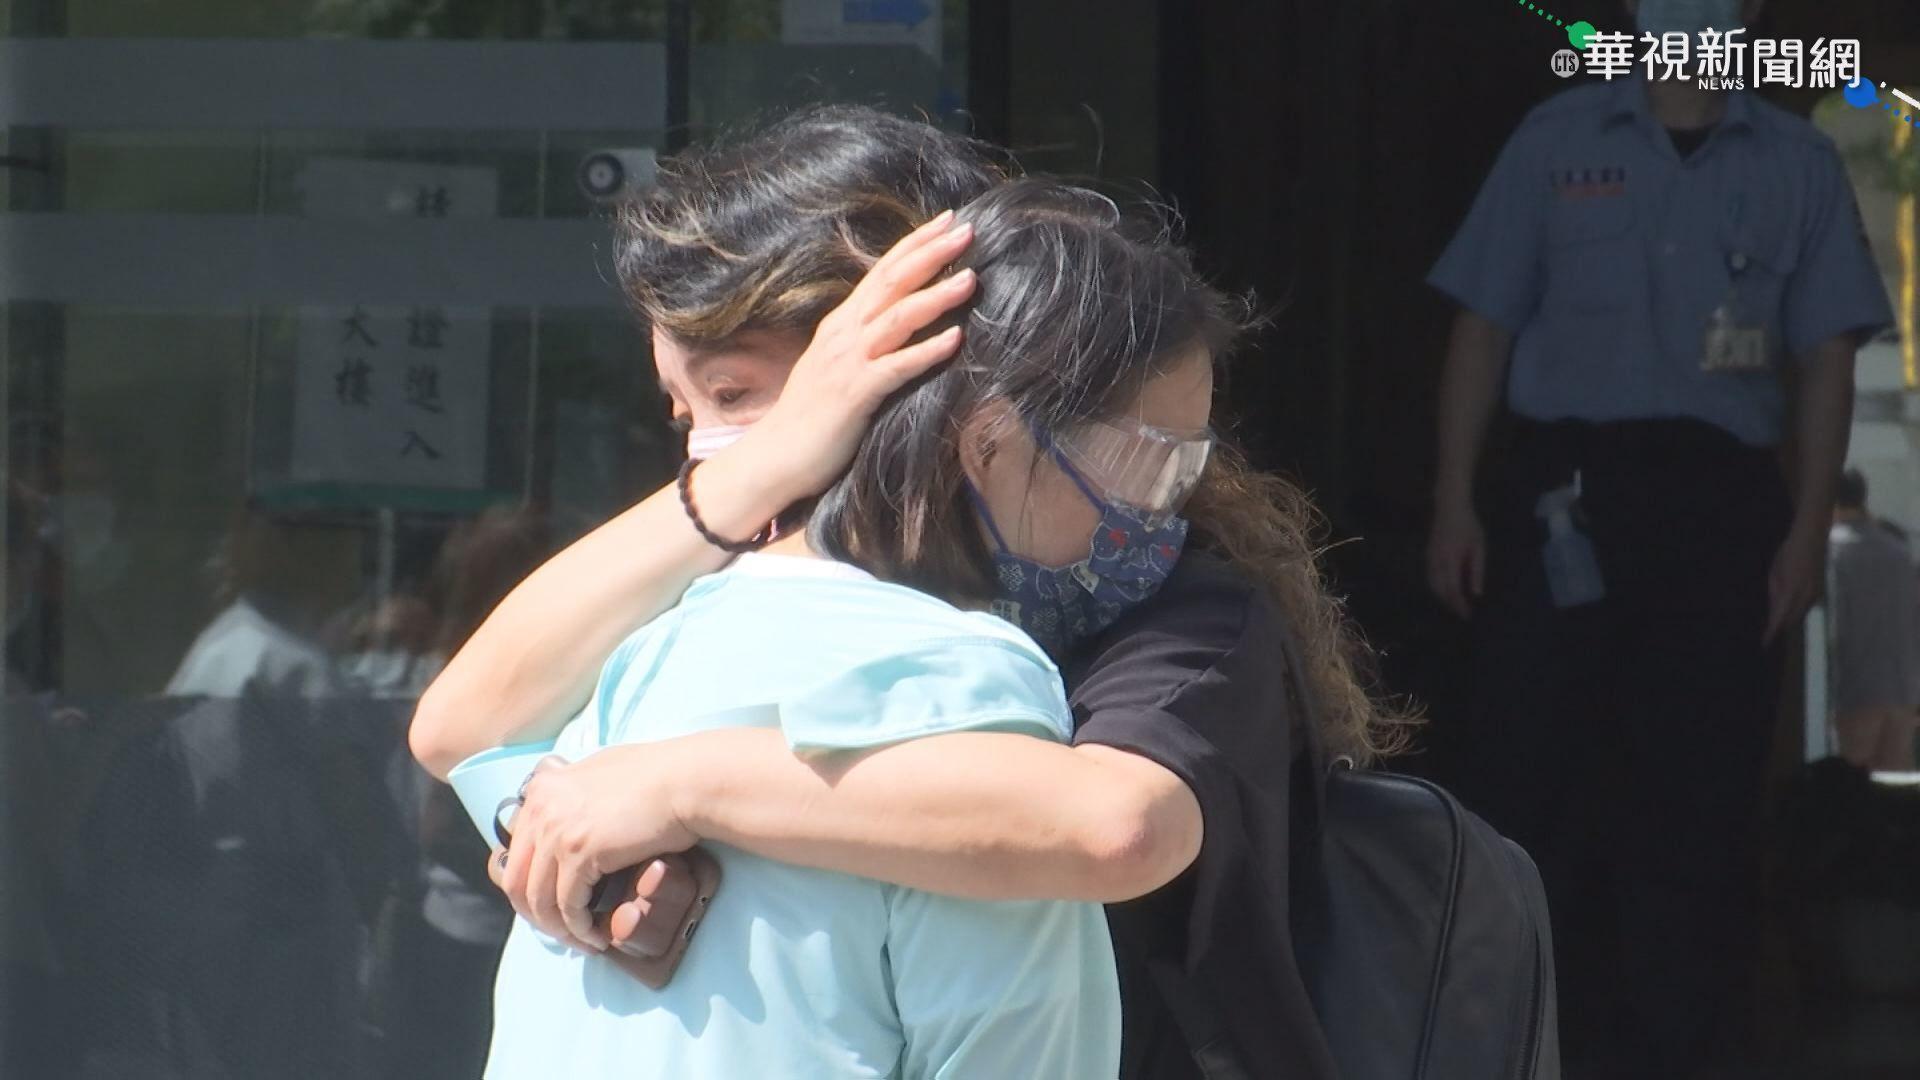 太魯閣號事故調查報告出爐 家屬難接受